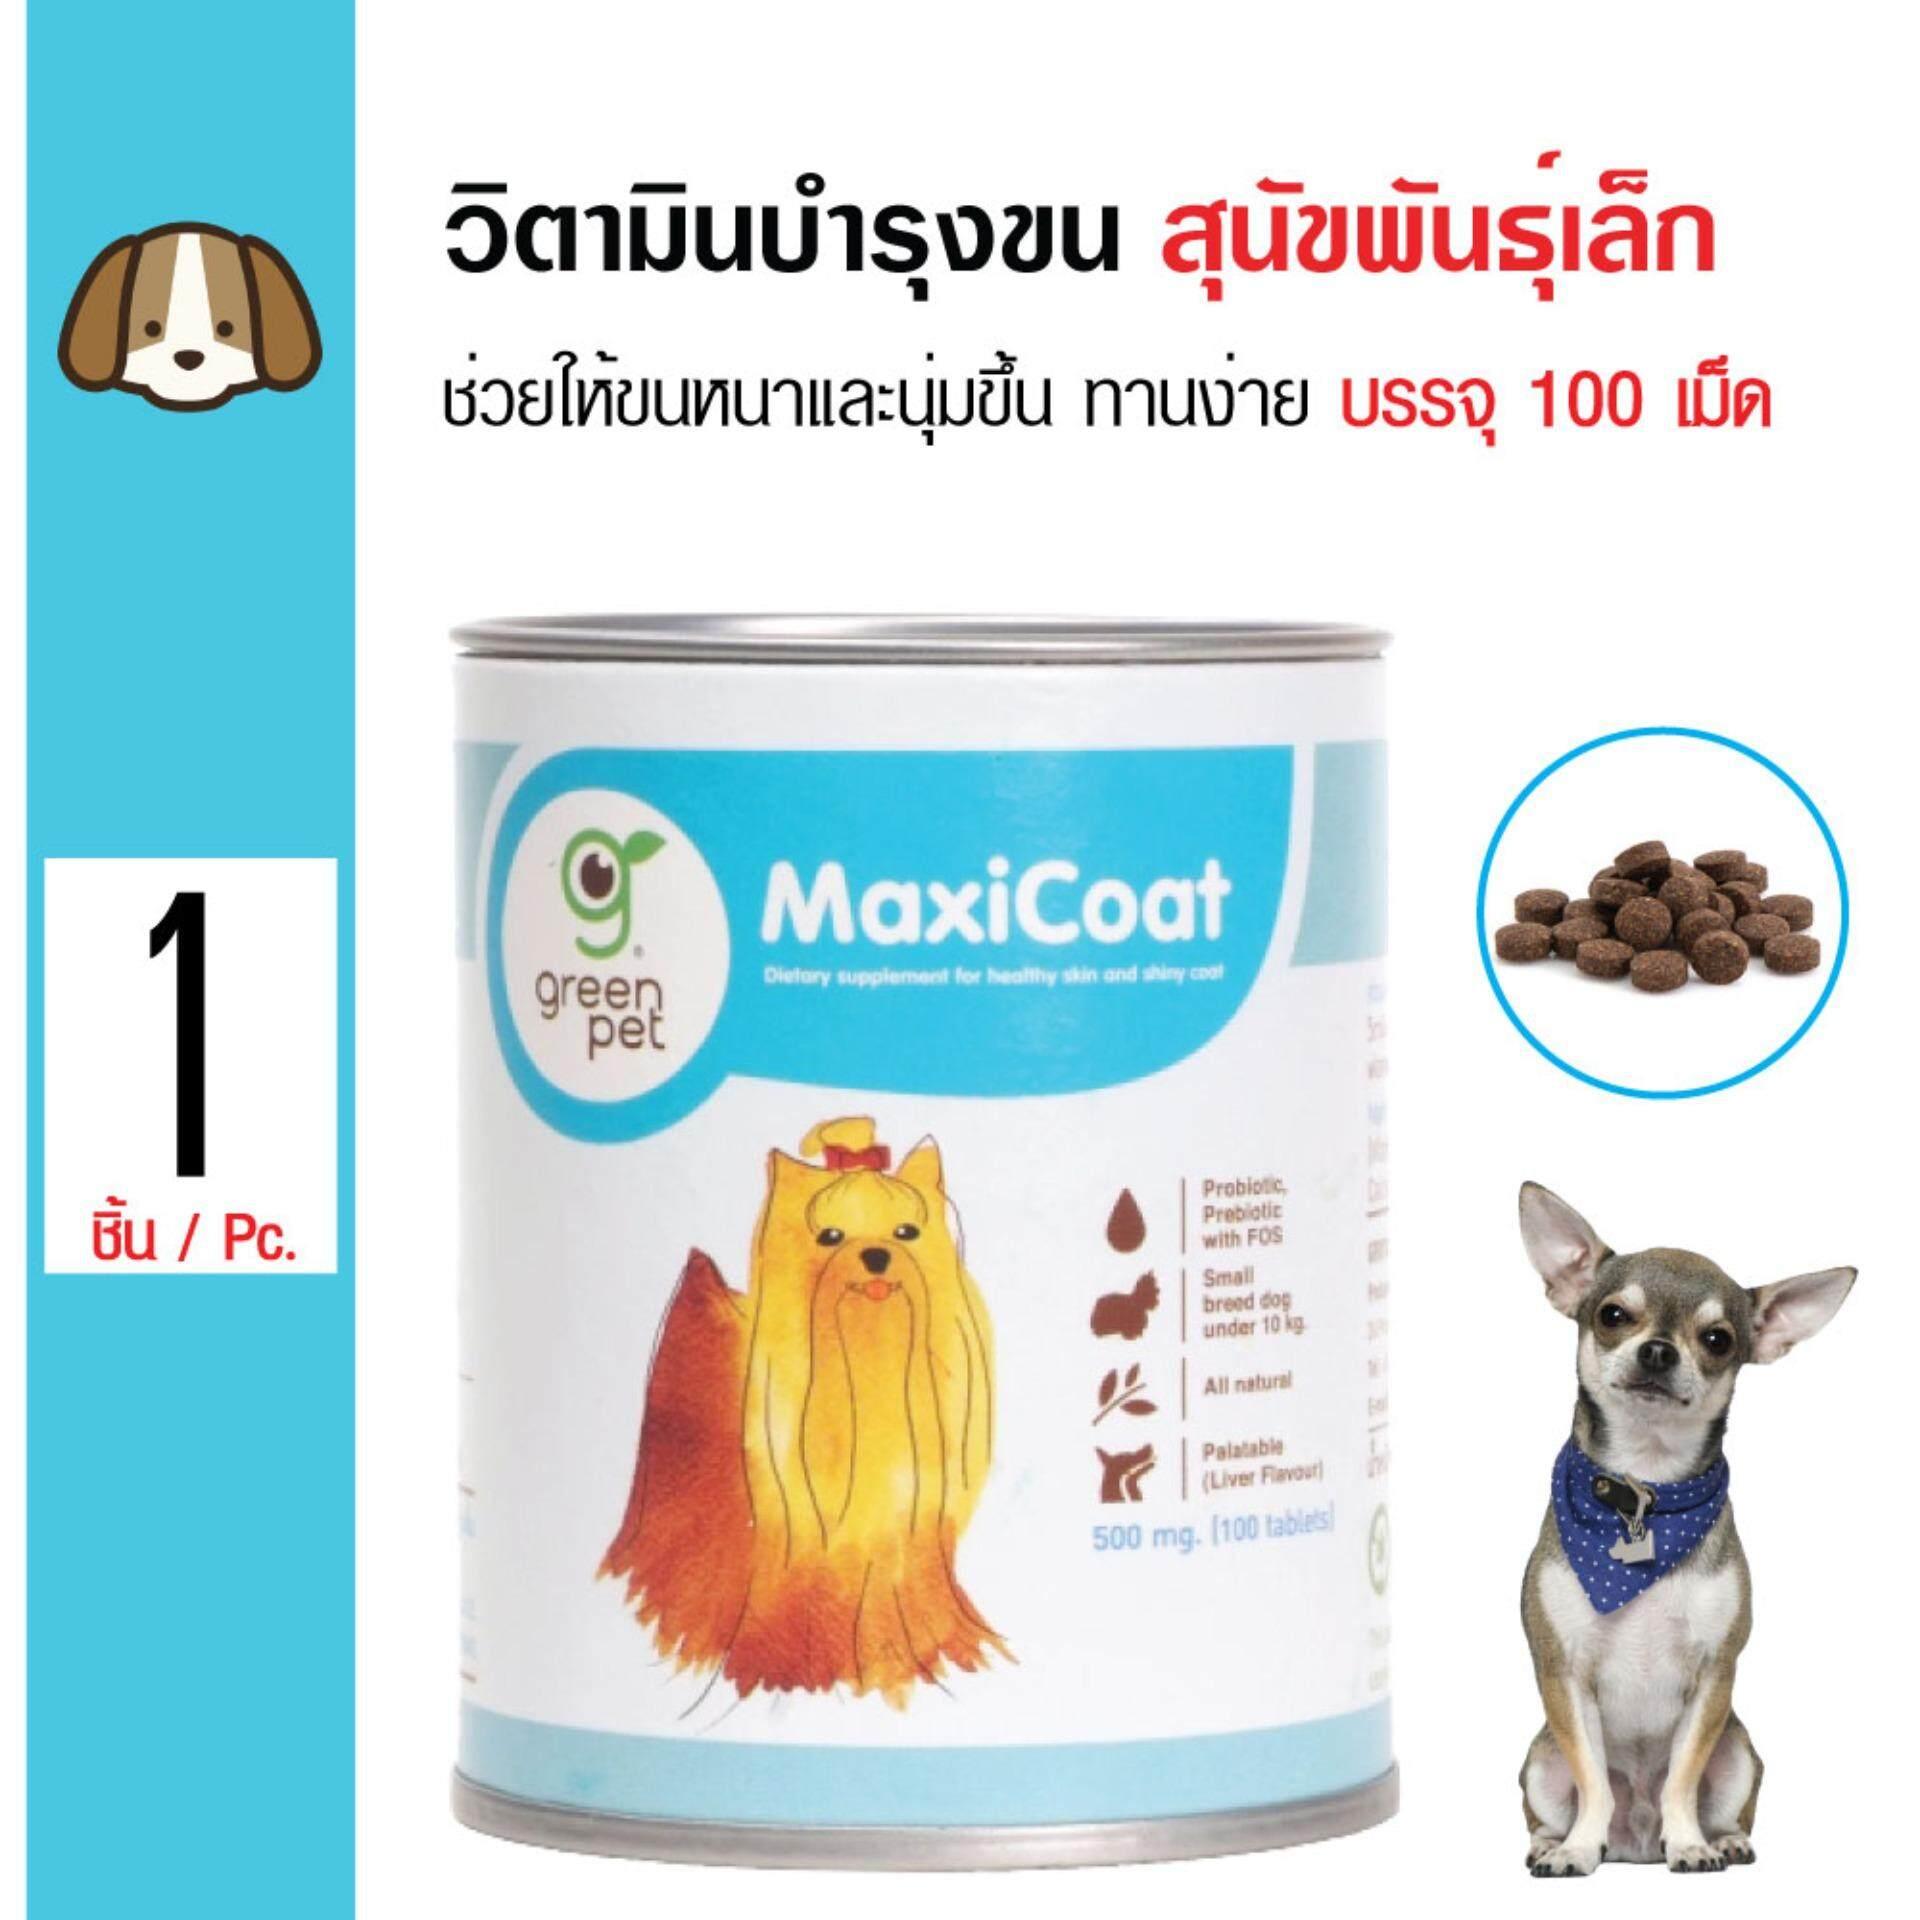 Maxicoat Dog อาหารเสริมวิตามินบำรุงขนและผิวหนัง ลดอาการขนร่วง สำหรับสุนัขขนาดเล็ก น้ำหนักน้อยกว่า 10 กิโลกรัม (จำนวน 100 เม็ด/ กระปุก)